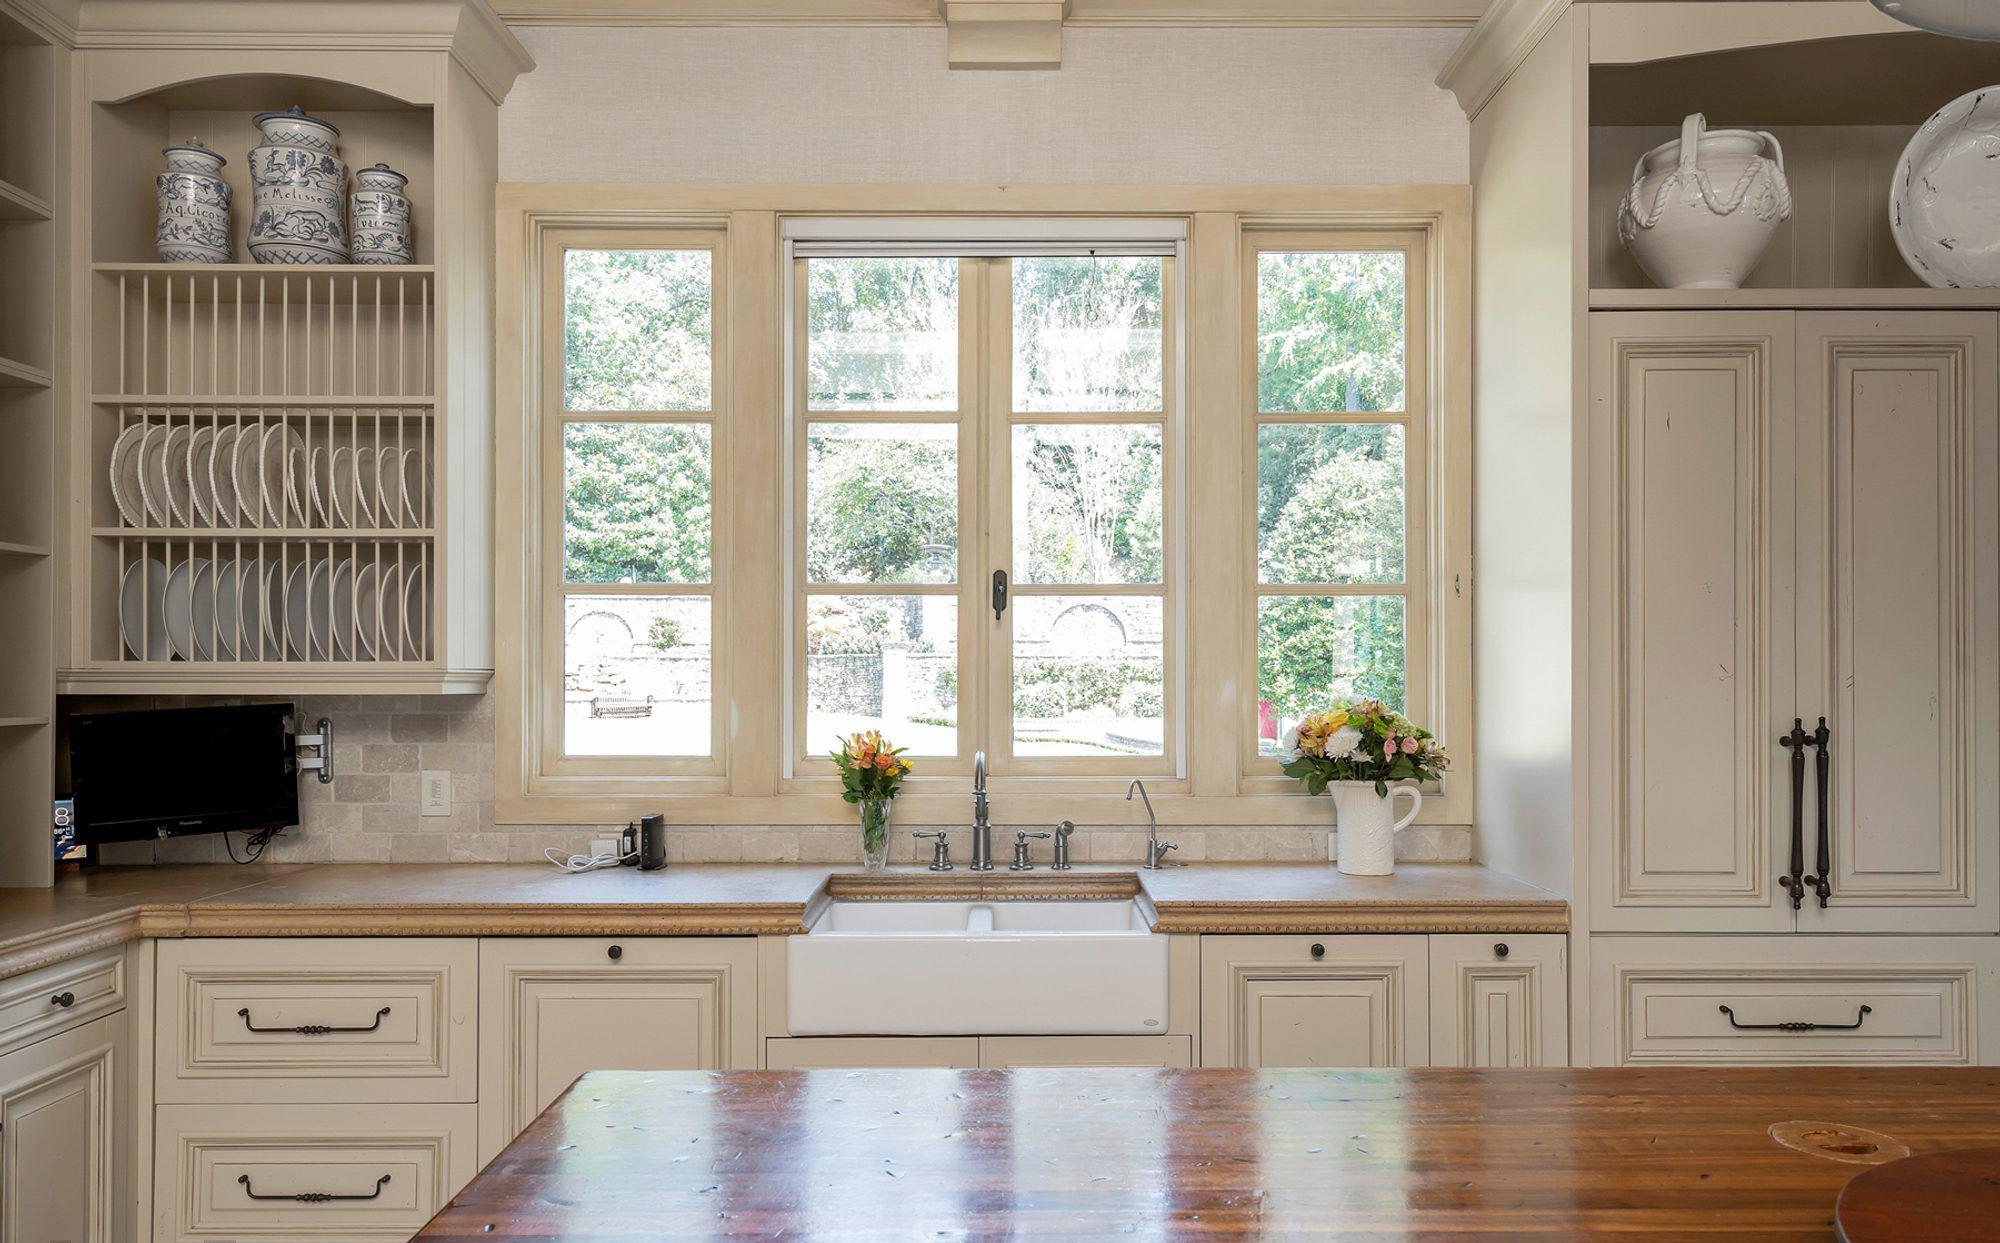 White enamel farmhouse styles kitchen sink with exposed apron.